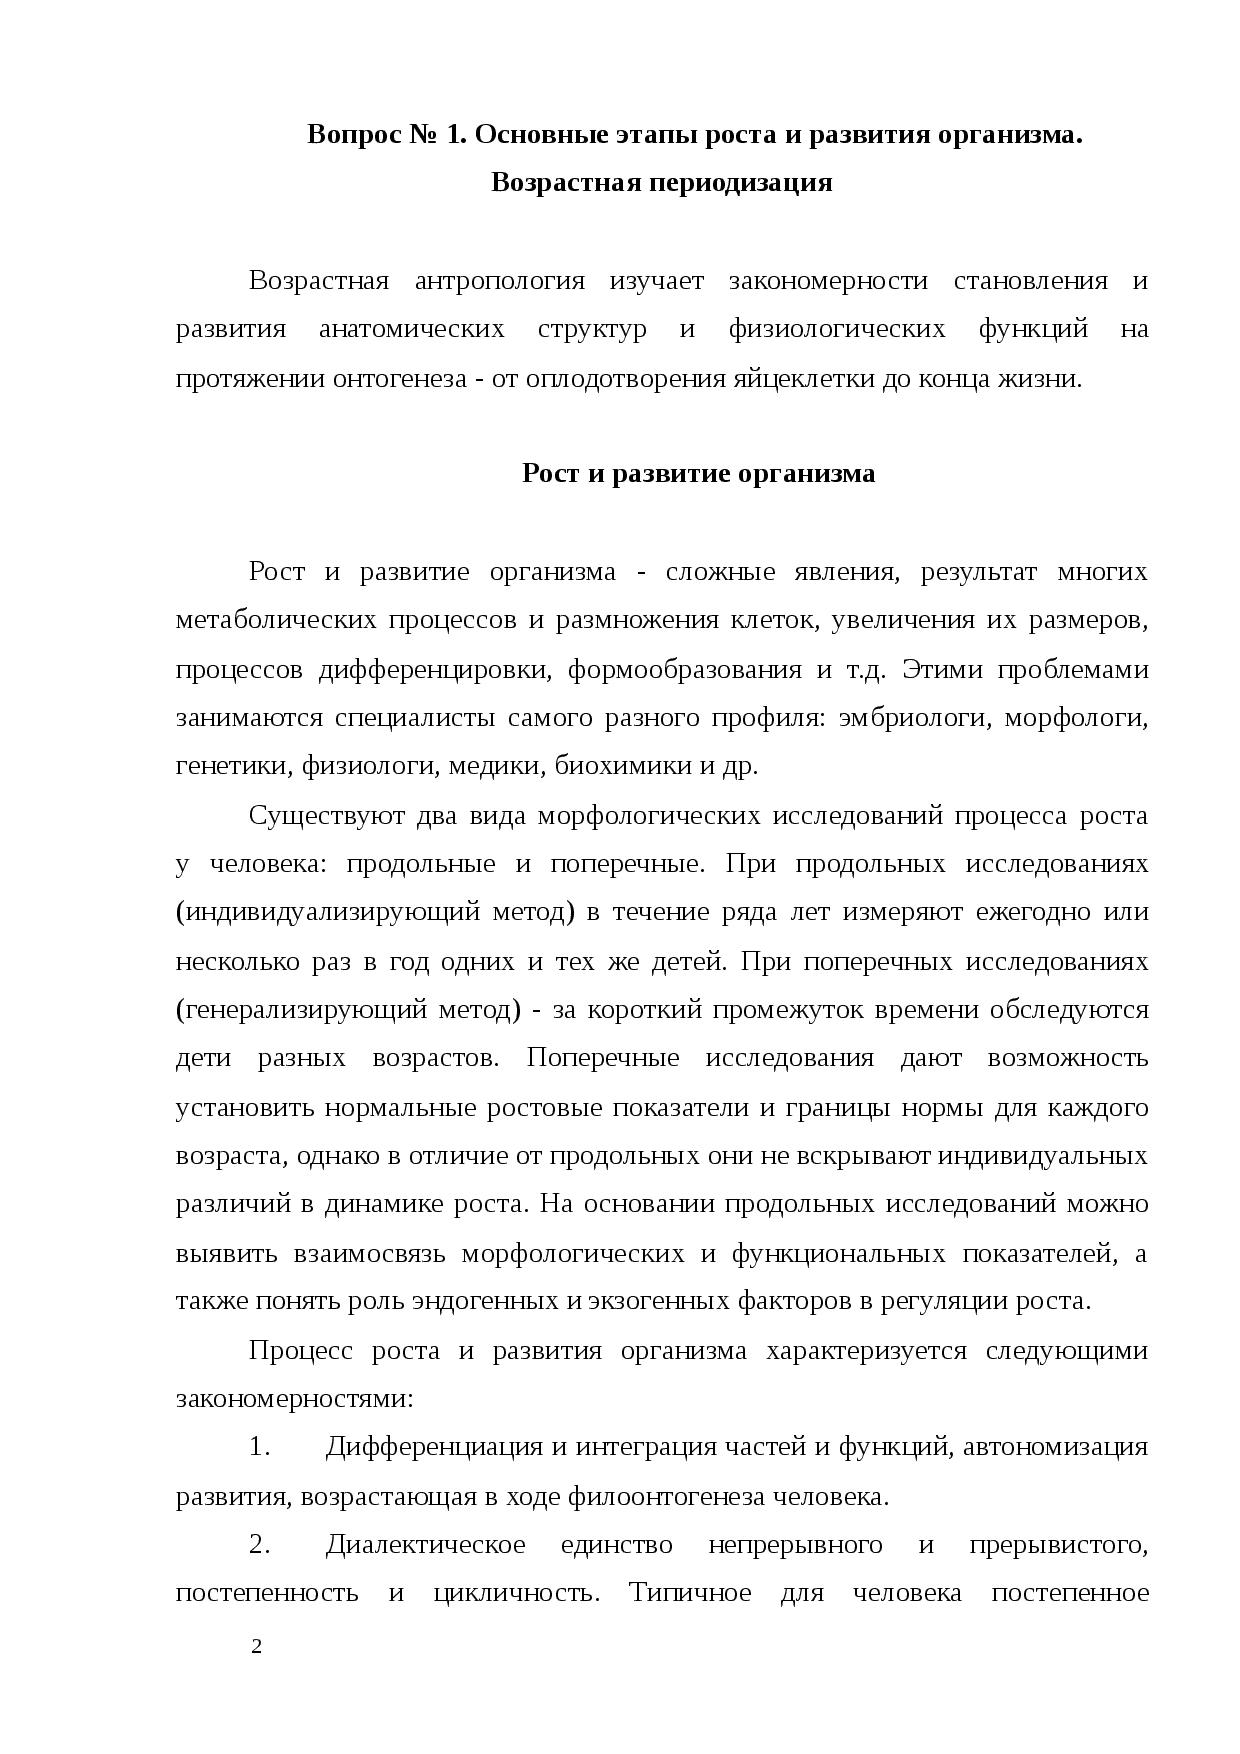 История развития биологии. развитие современной биологии